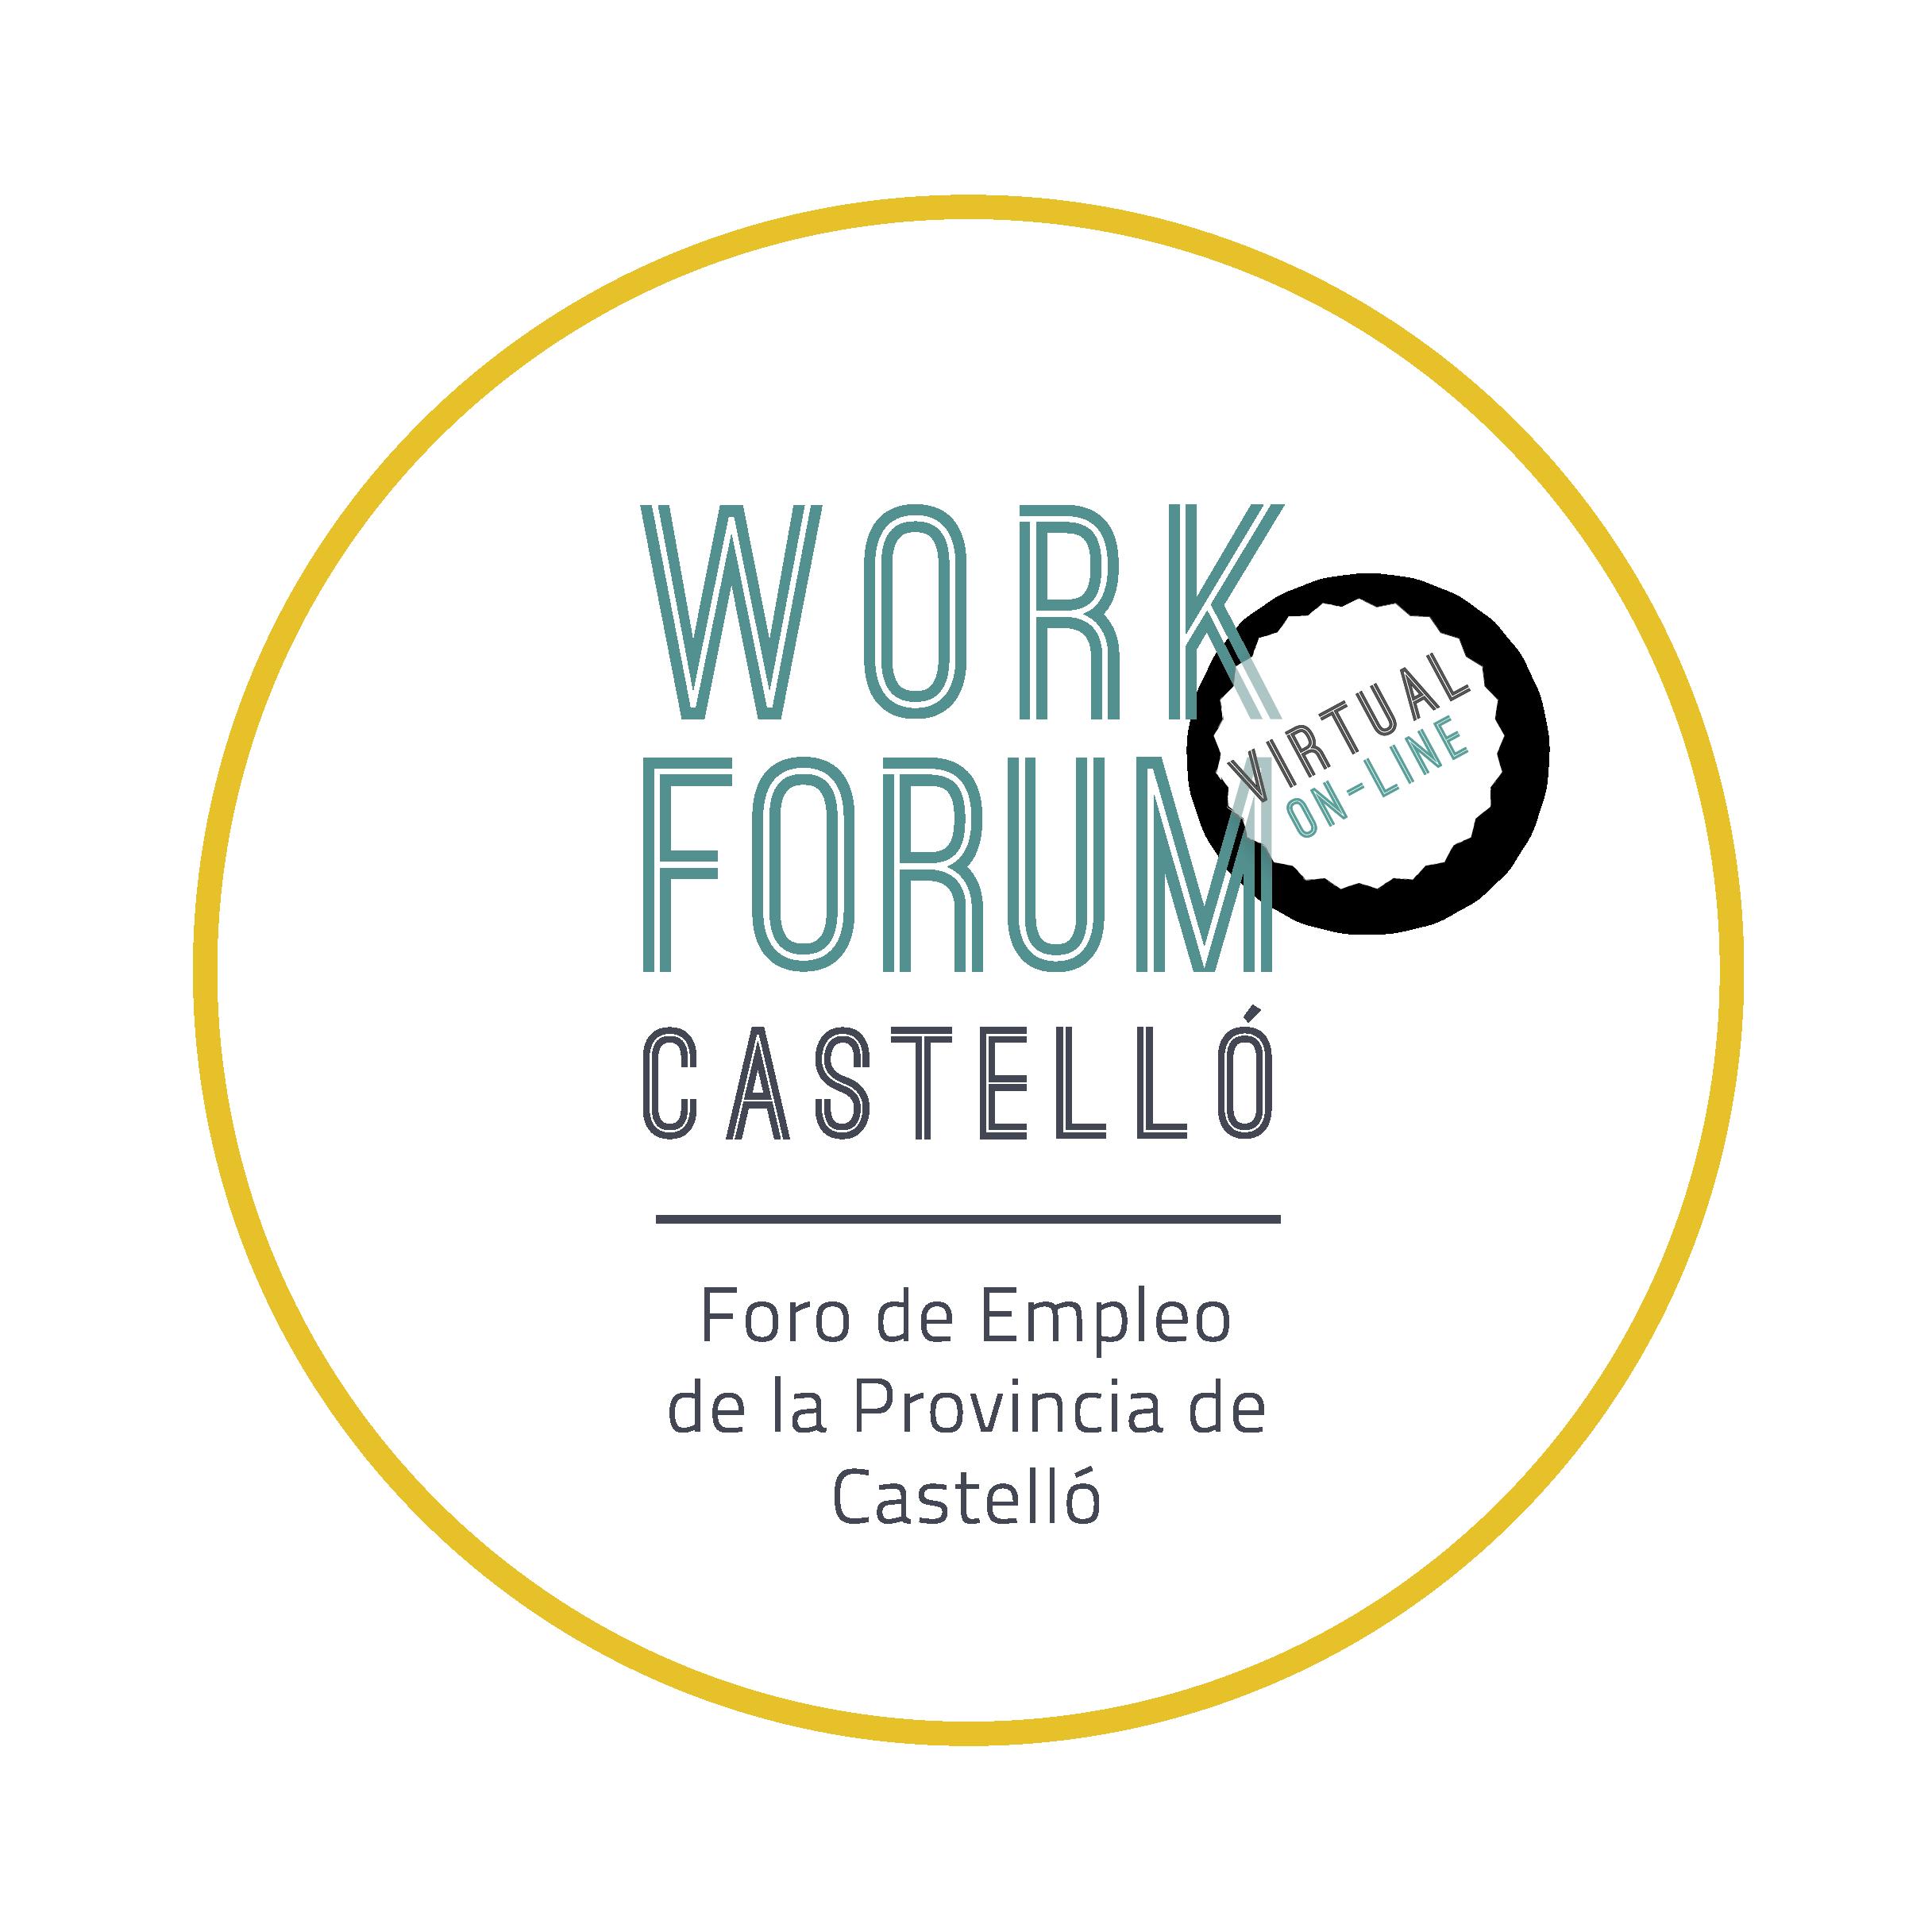 Work Forum Castelló